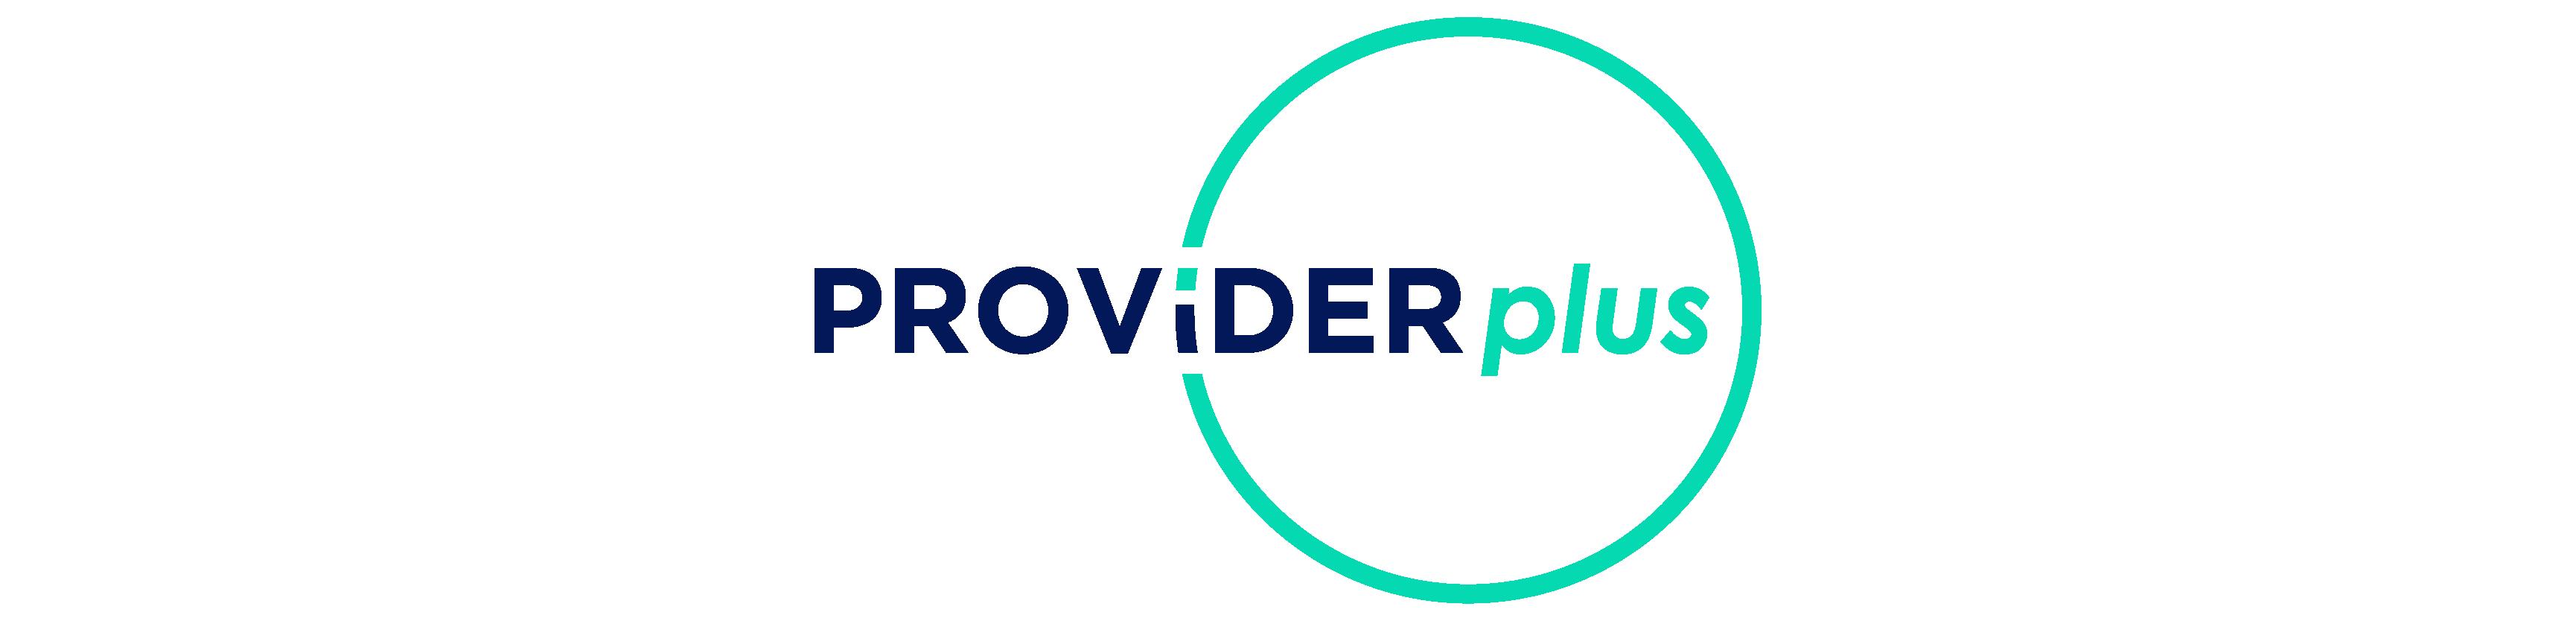 PROVIDERplus